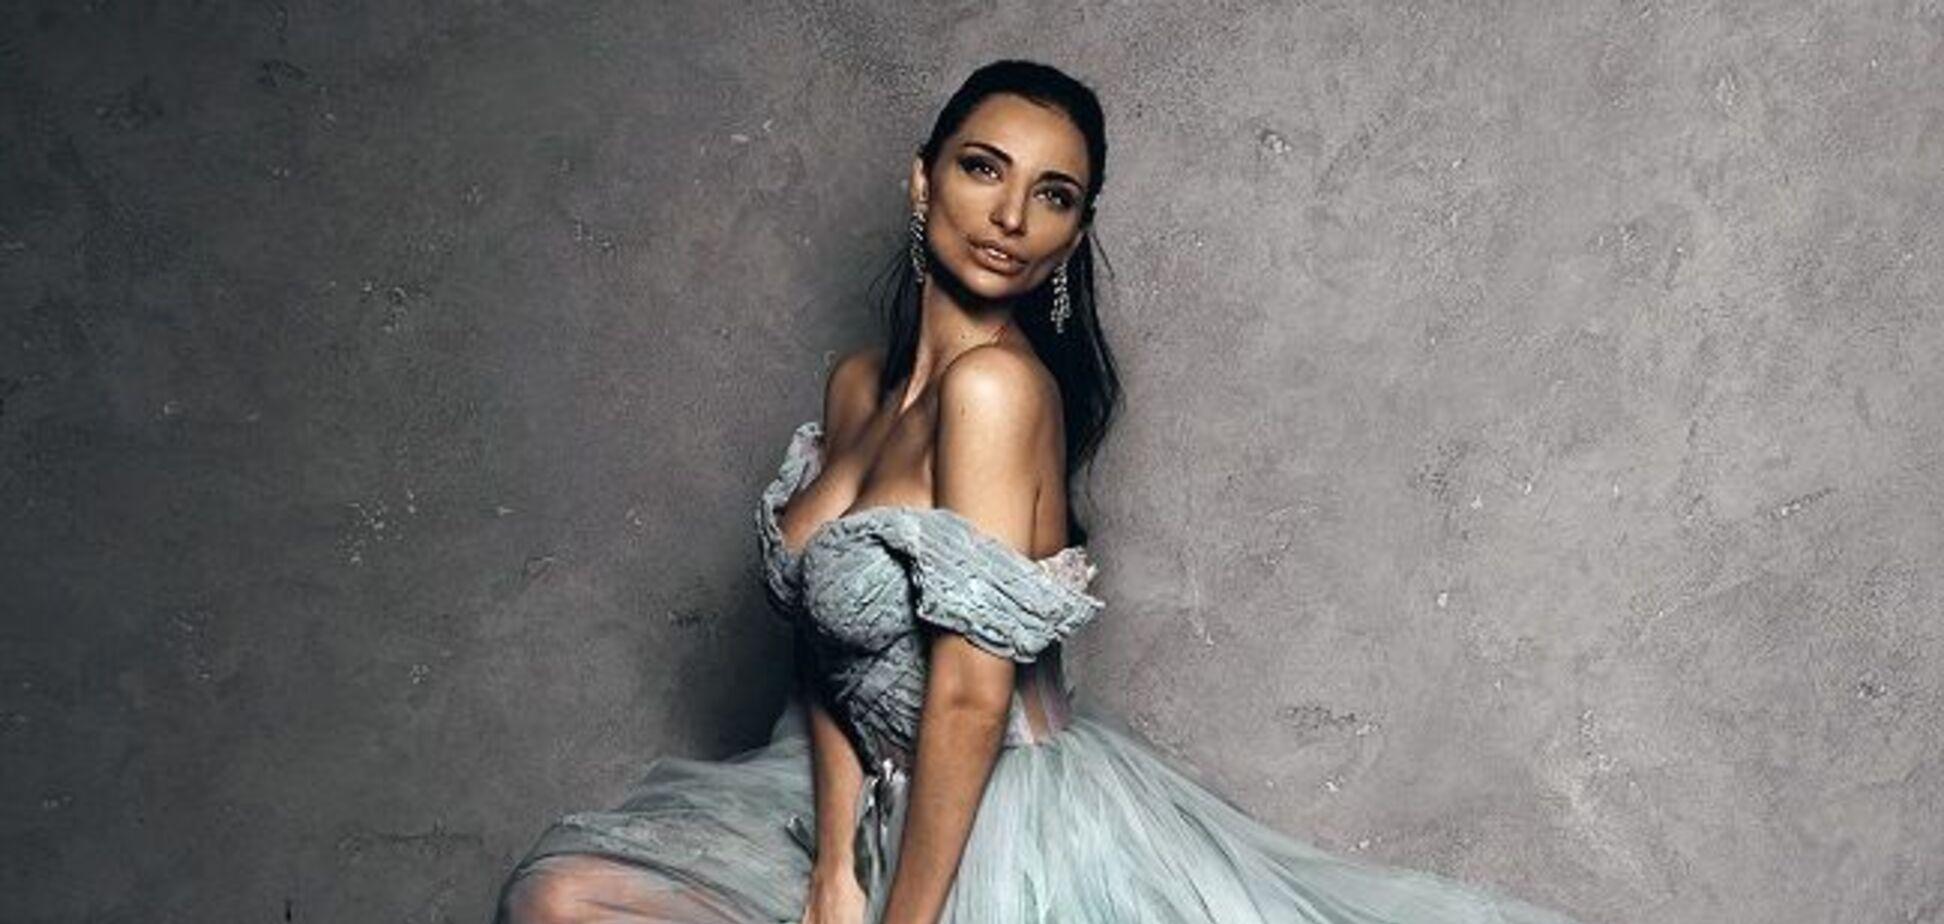 Ми не маємо права на помилку — історії пристрасті та успіху від прими-балерини Шишпор